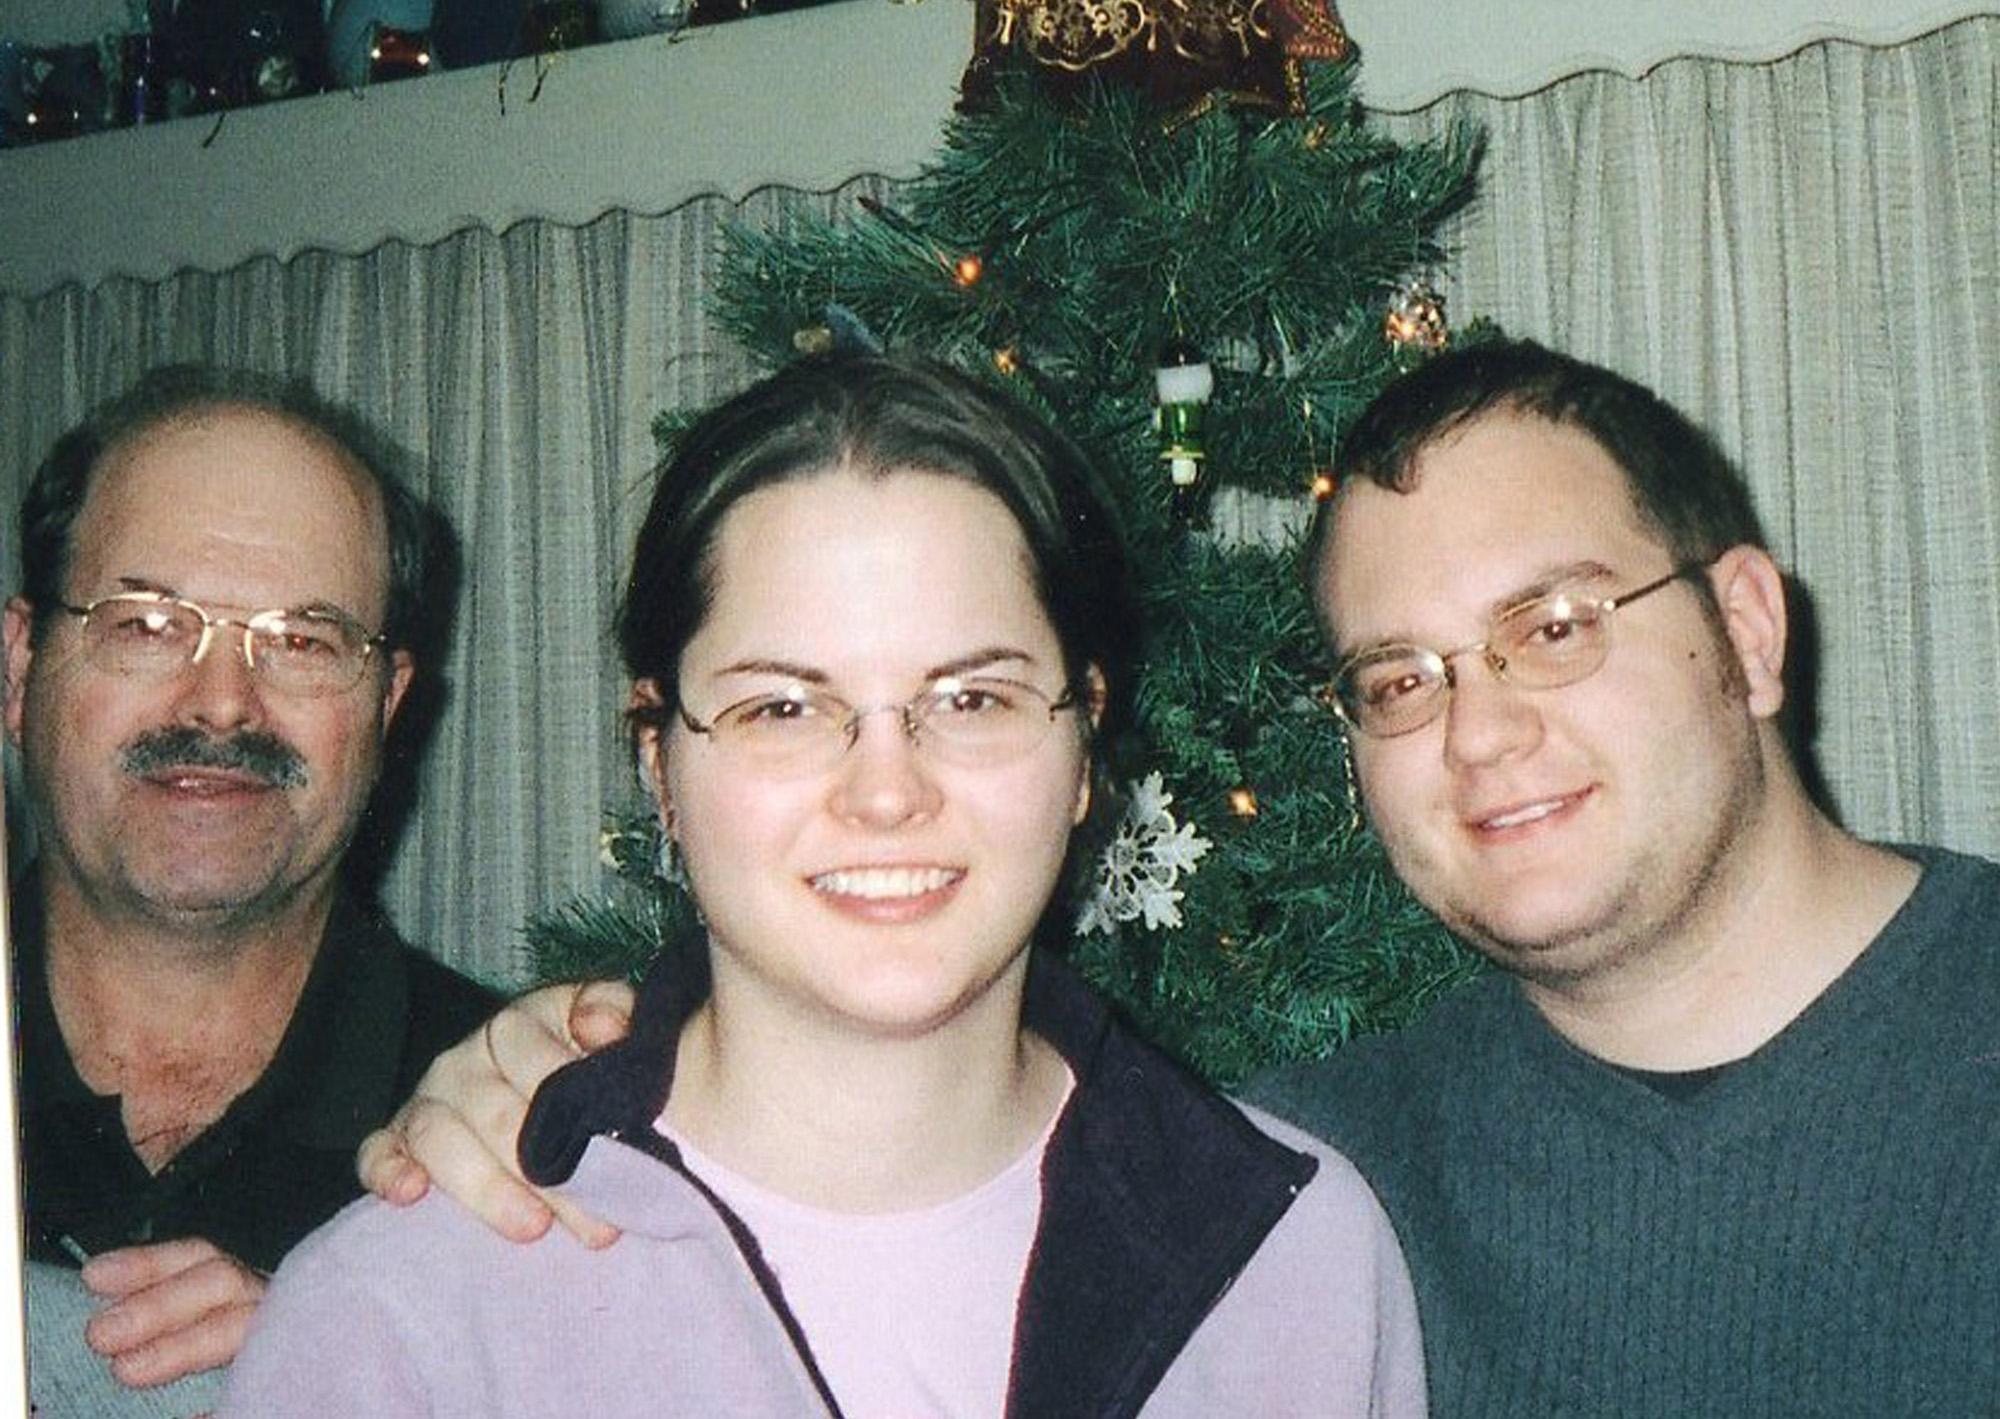 Daughter of BTK Killer Dennis Rader struggled to forgive dad | The Wichita  Eagle